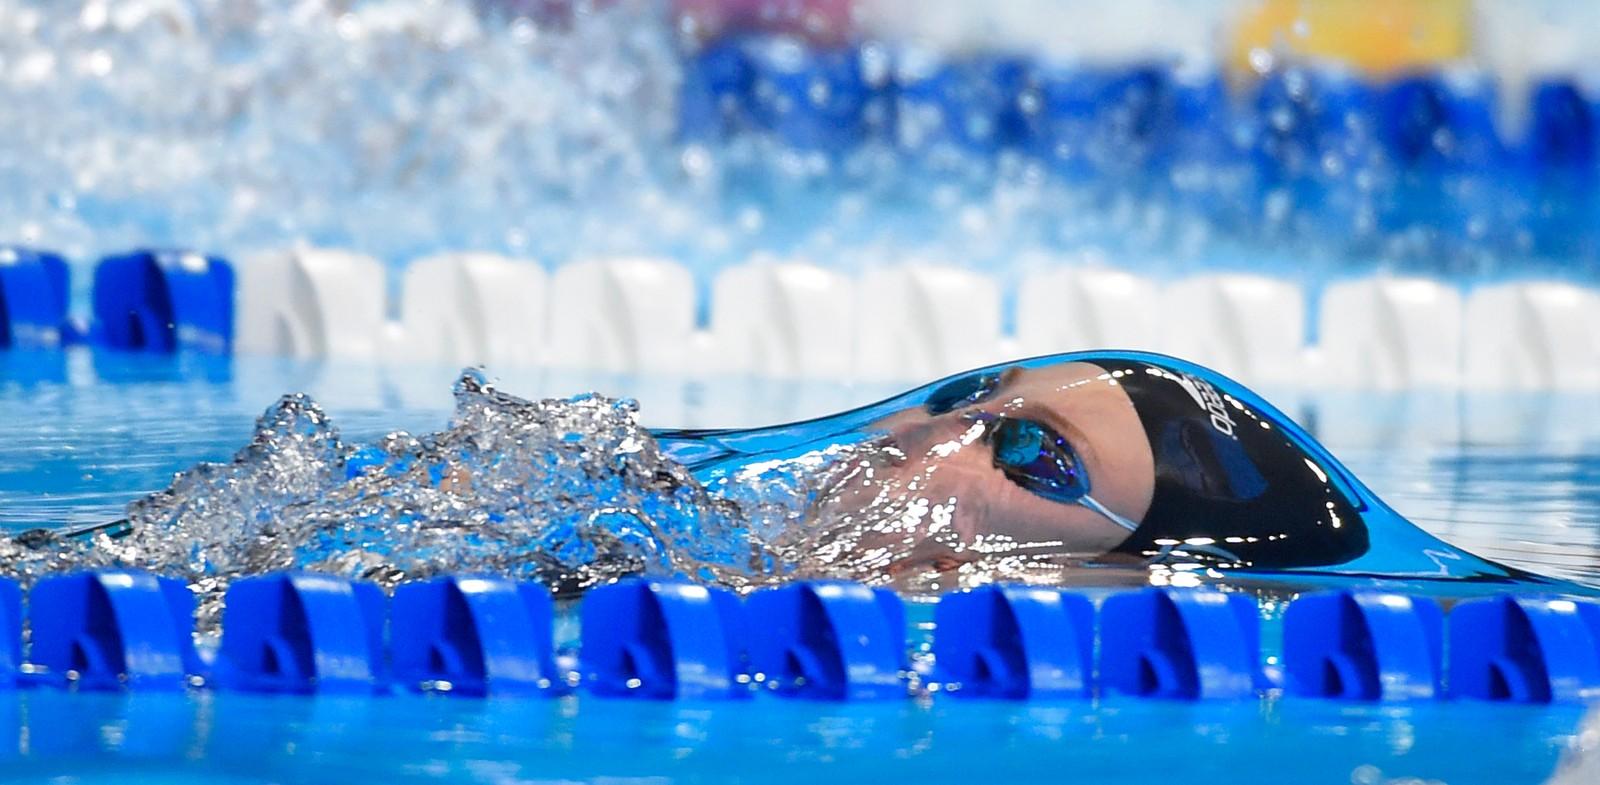 Den amerikanske svømmeren Amy Bilquist gir alt under semifinalen i hundre meter rygg denne uken. Bilquist svømmer for en etterlengtet OL-billett hele denne uka.